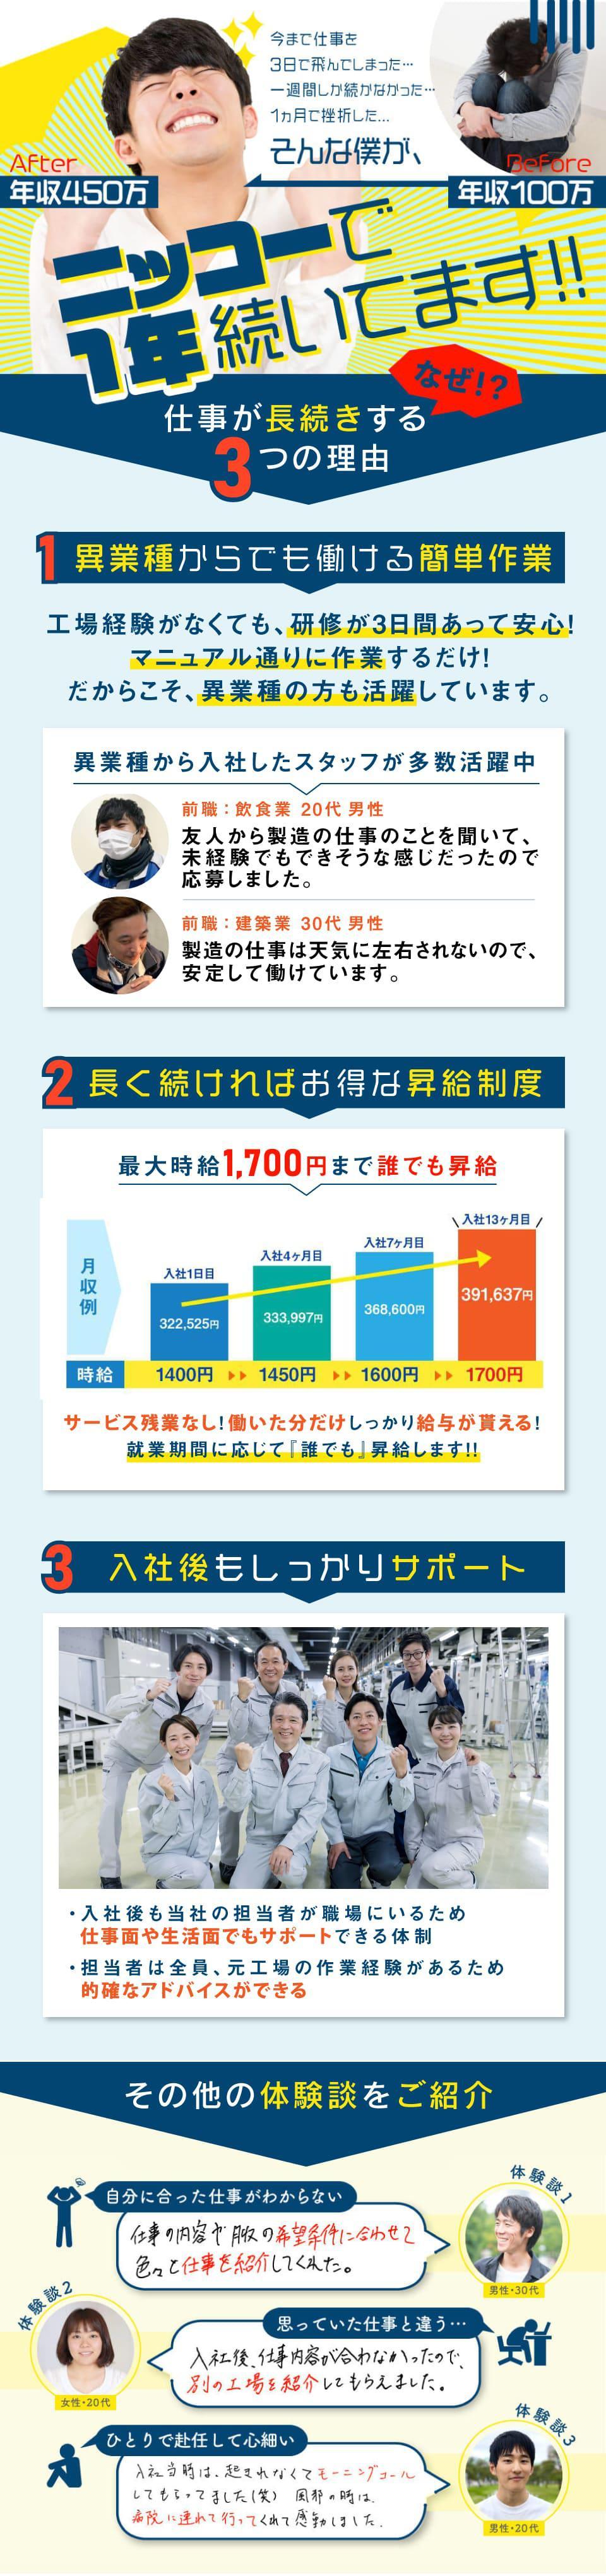 nikko-LP_20200212A.jpg